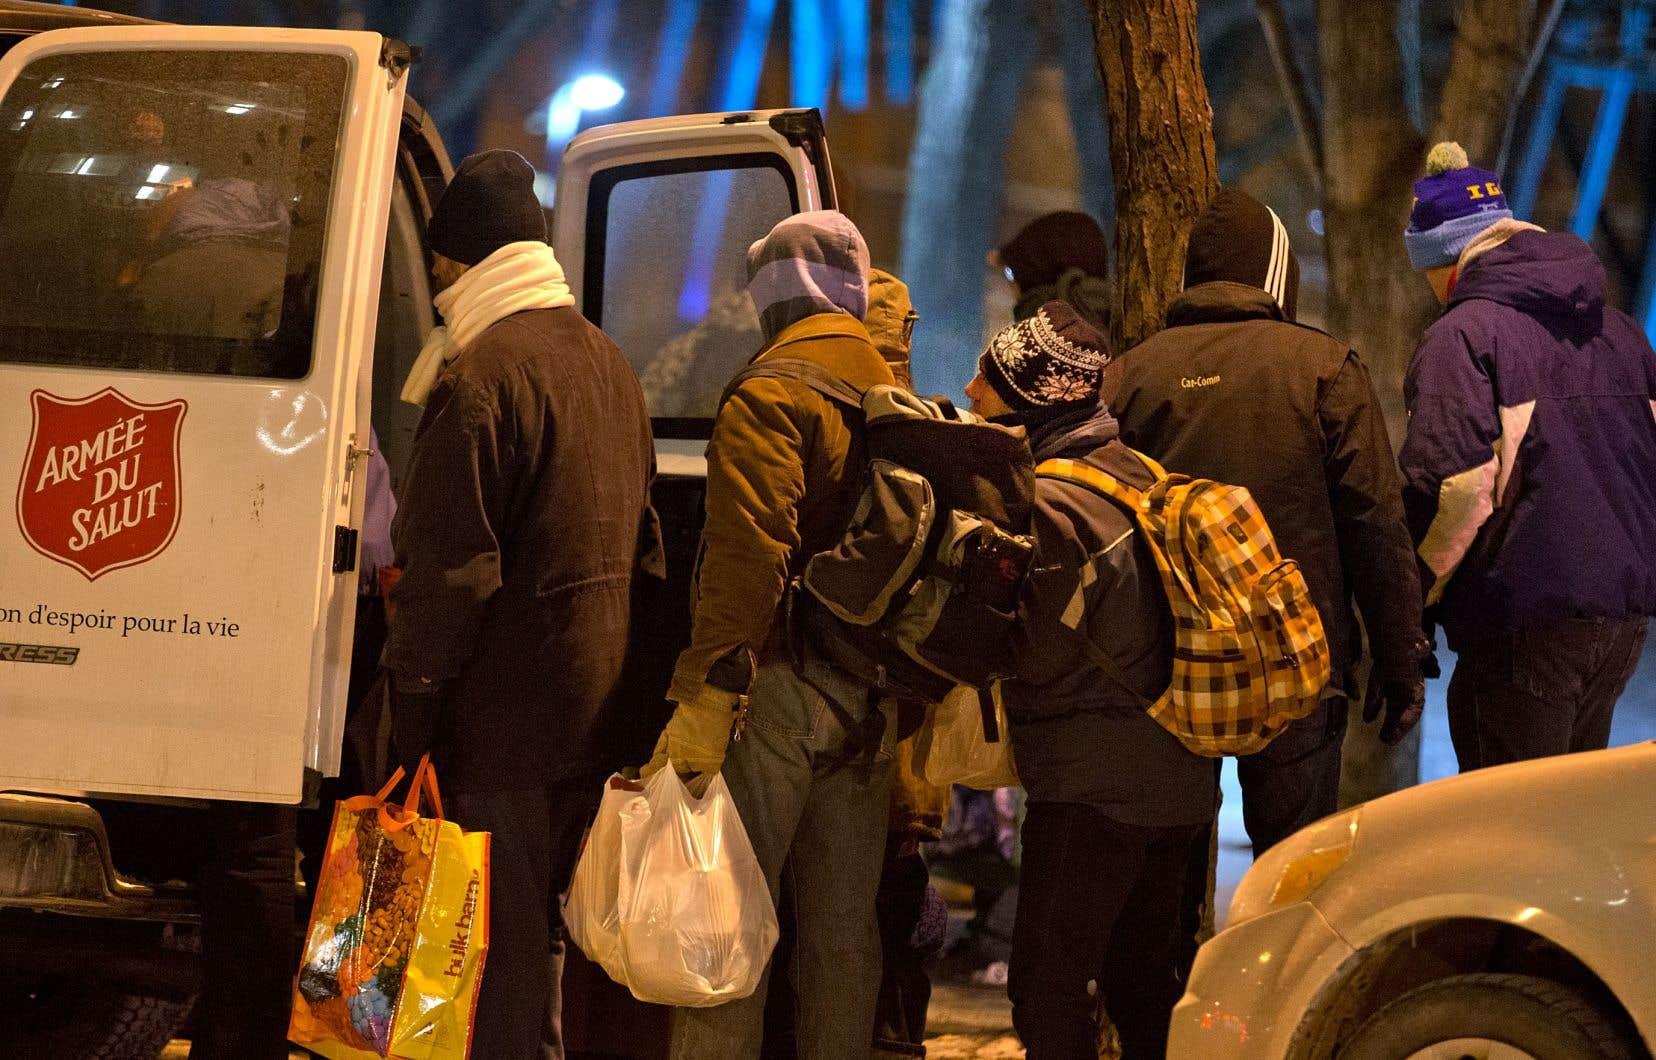 Québec établit un revenu de base qui atteindra 18000$ en 2023, mais ceux qui se qualifieront devront être bénéficiaires de l'aide sociale depuis 65 mois avant de pouvoir obtenir ce soutien.